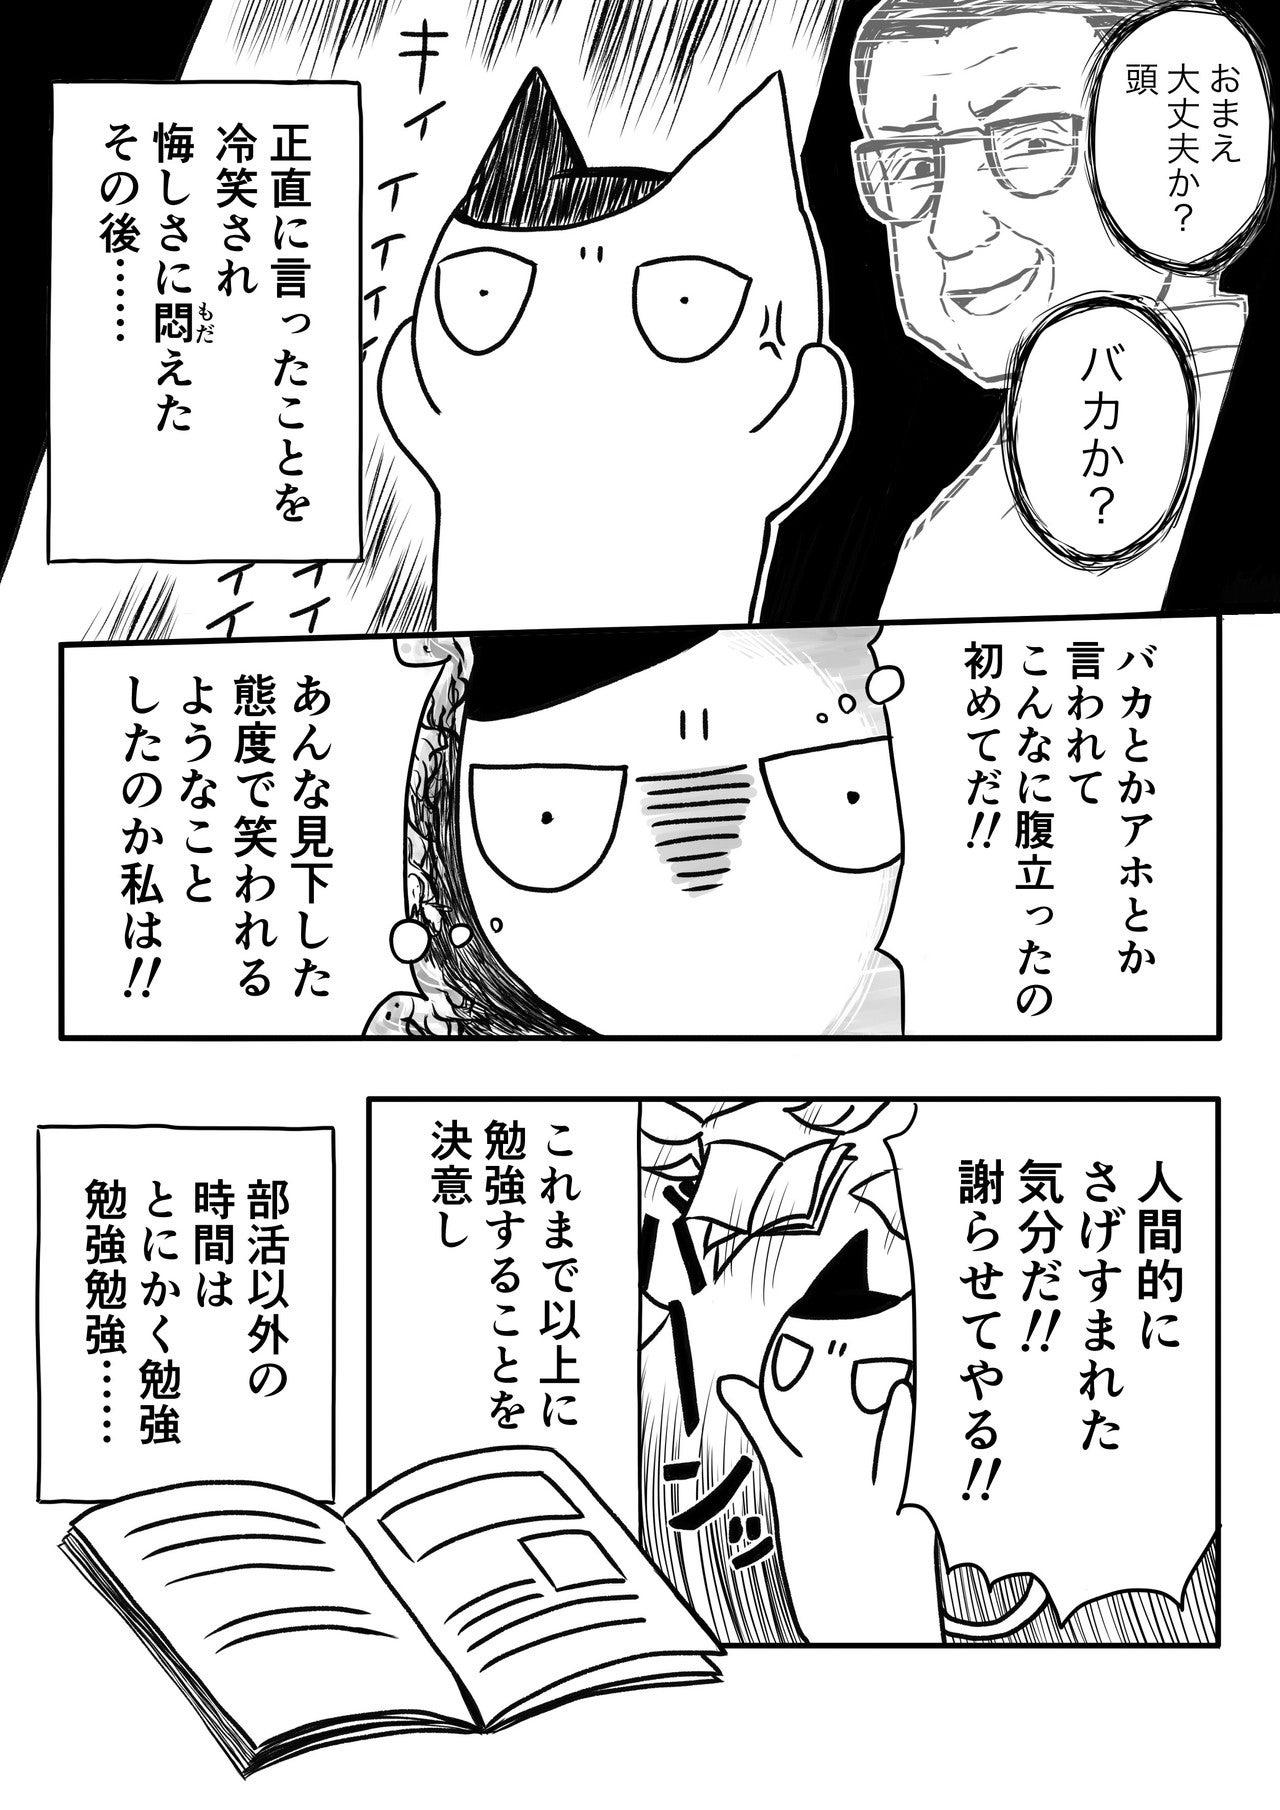 病気エッセイ_第7話1